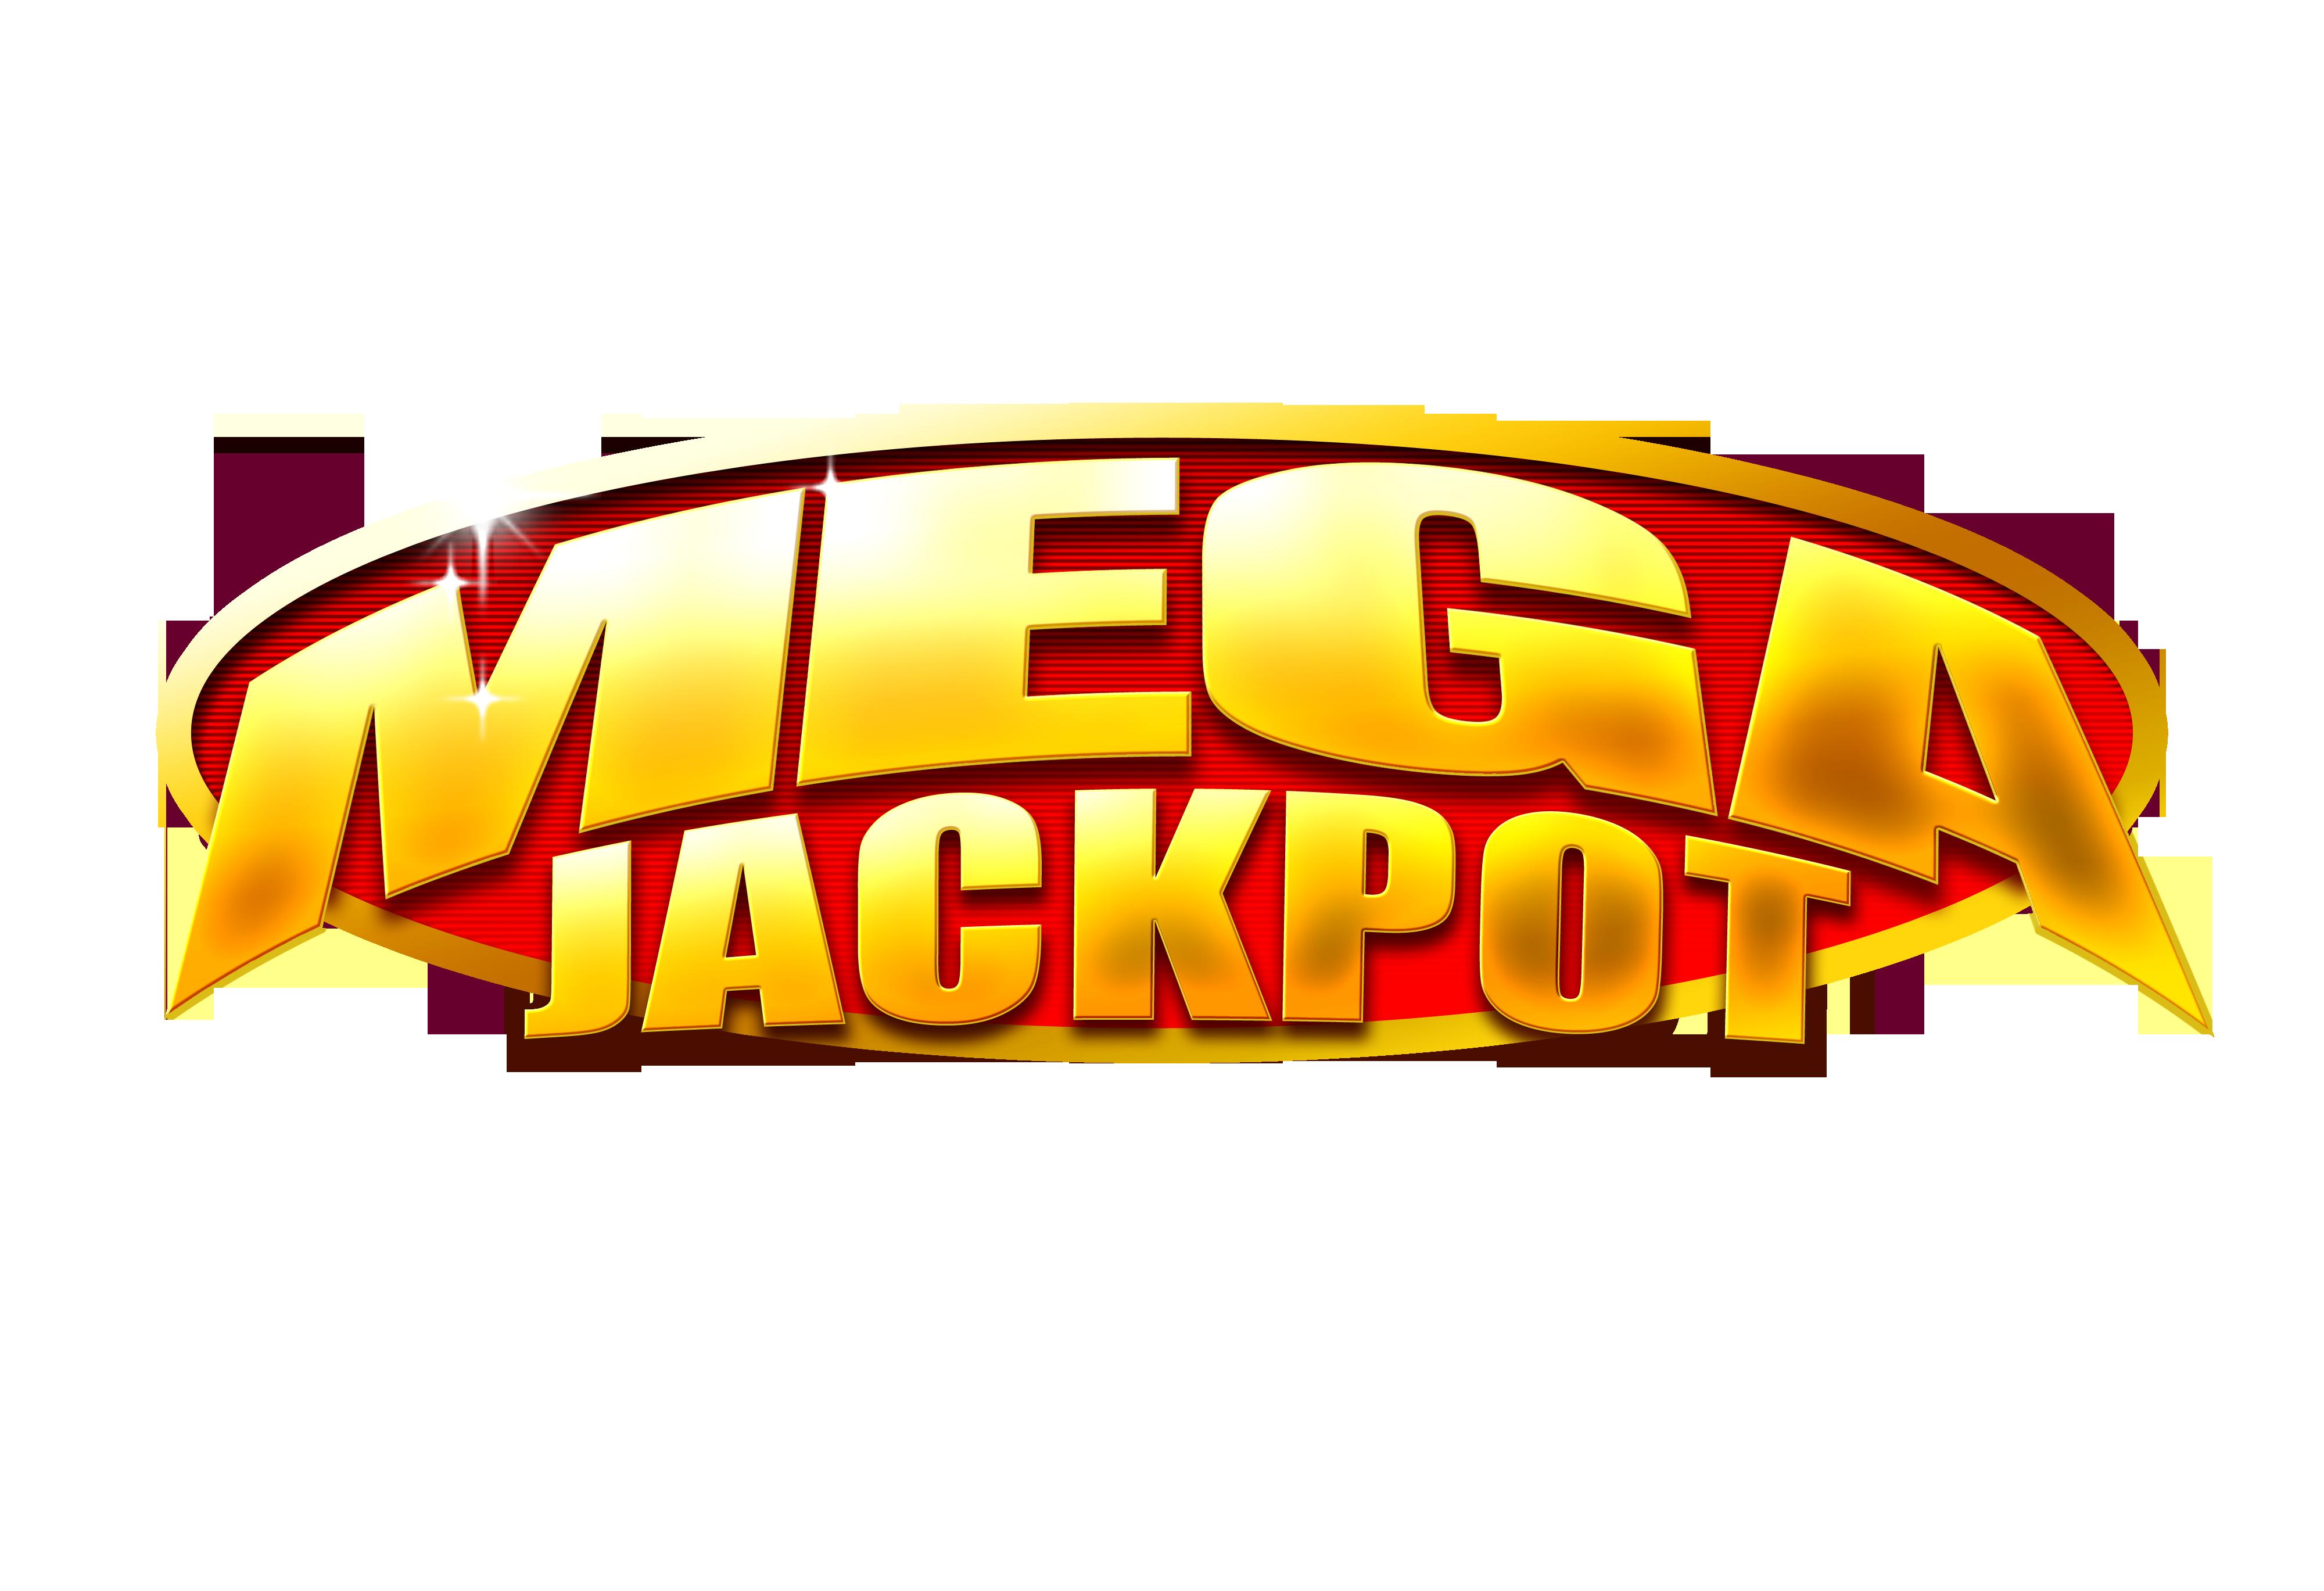 megajackpot_highres-1457905422.png